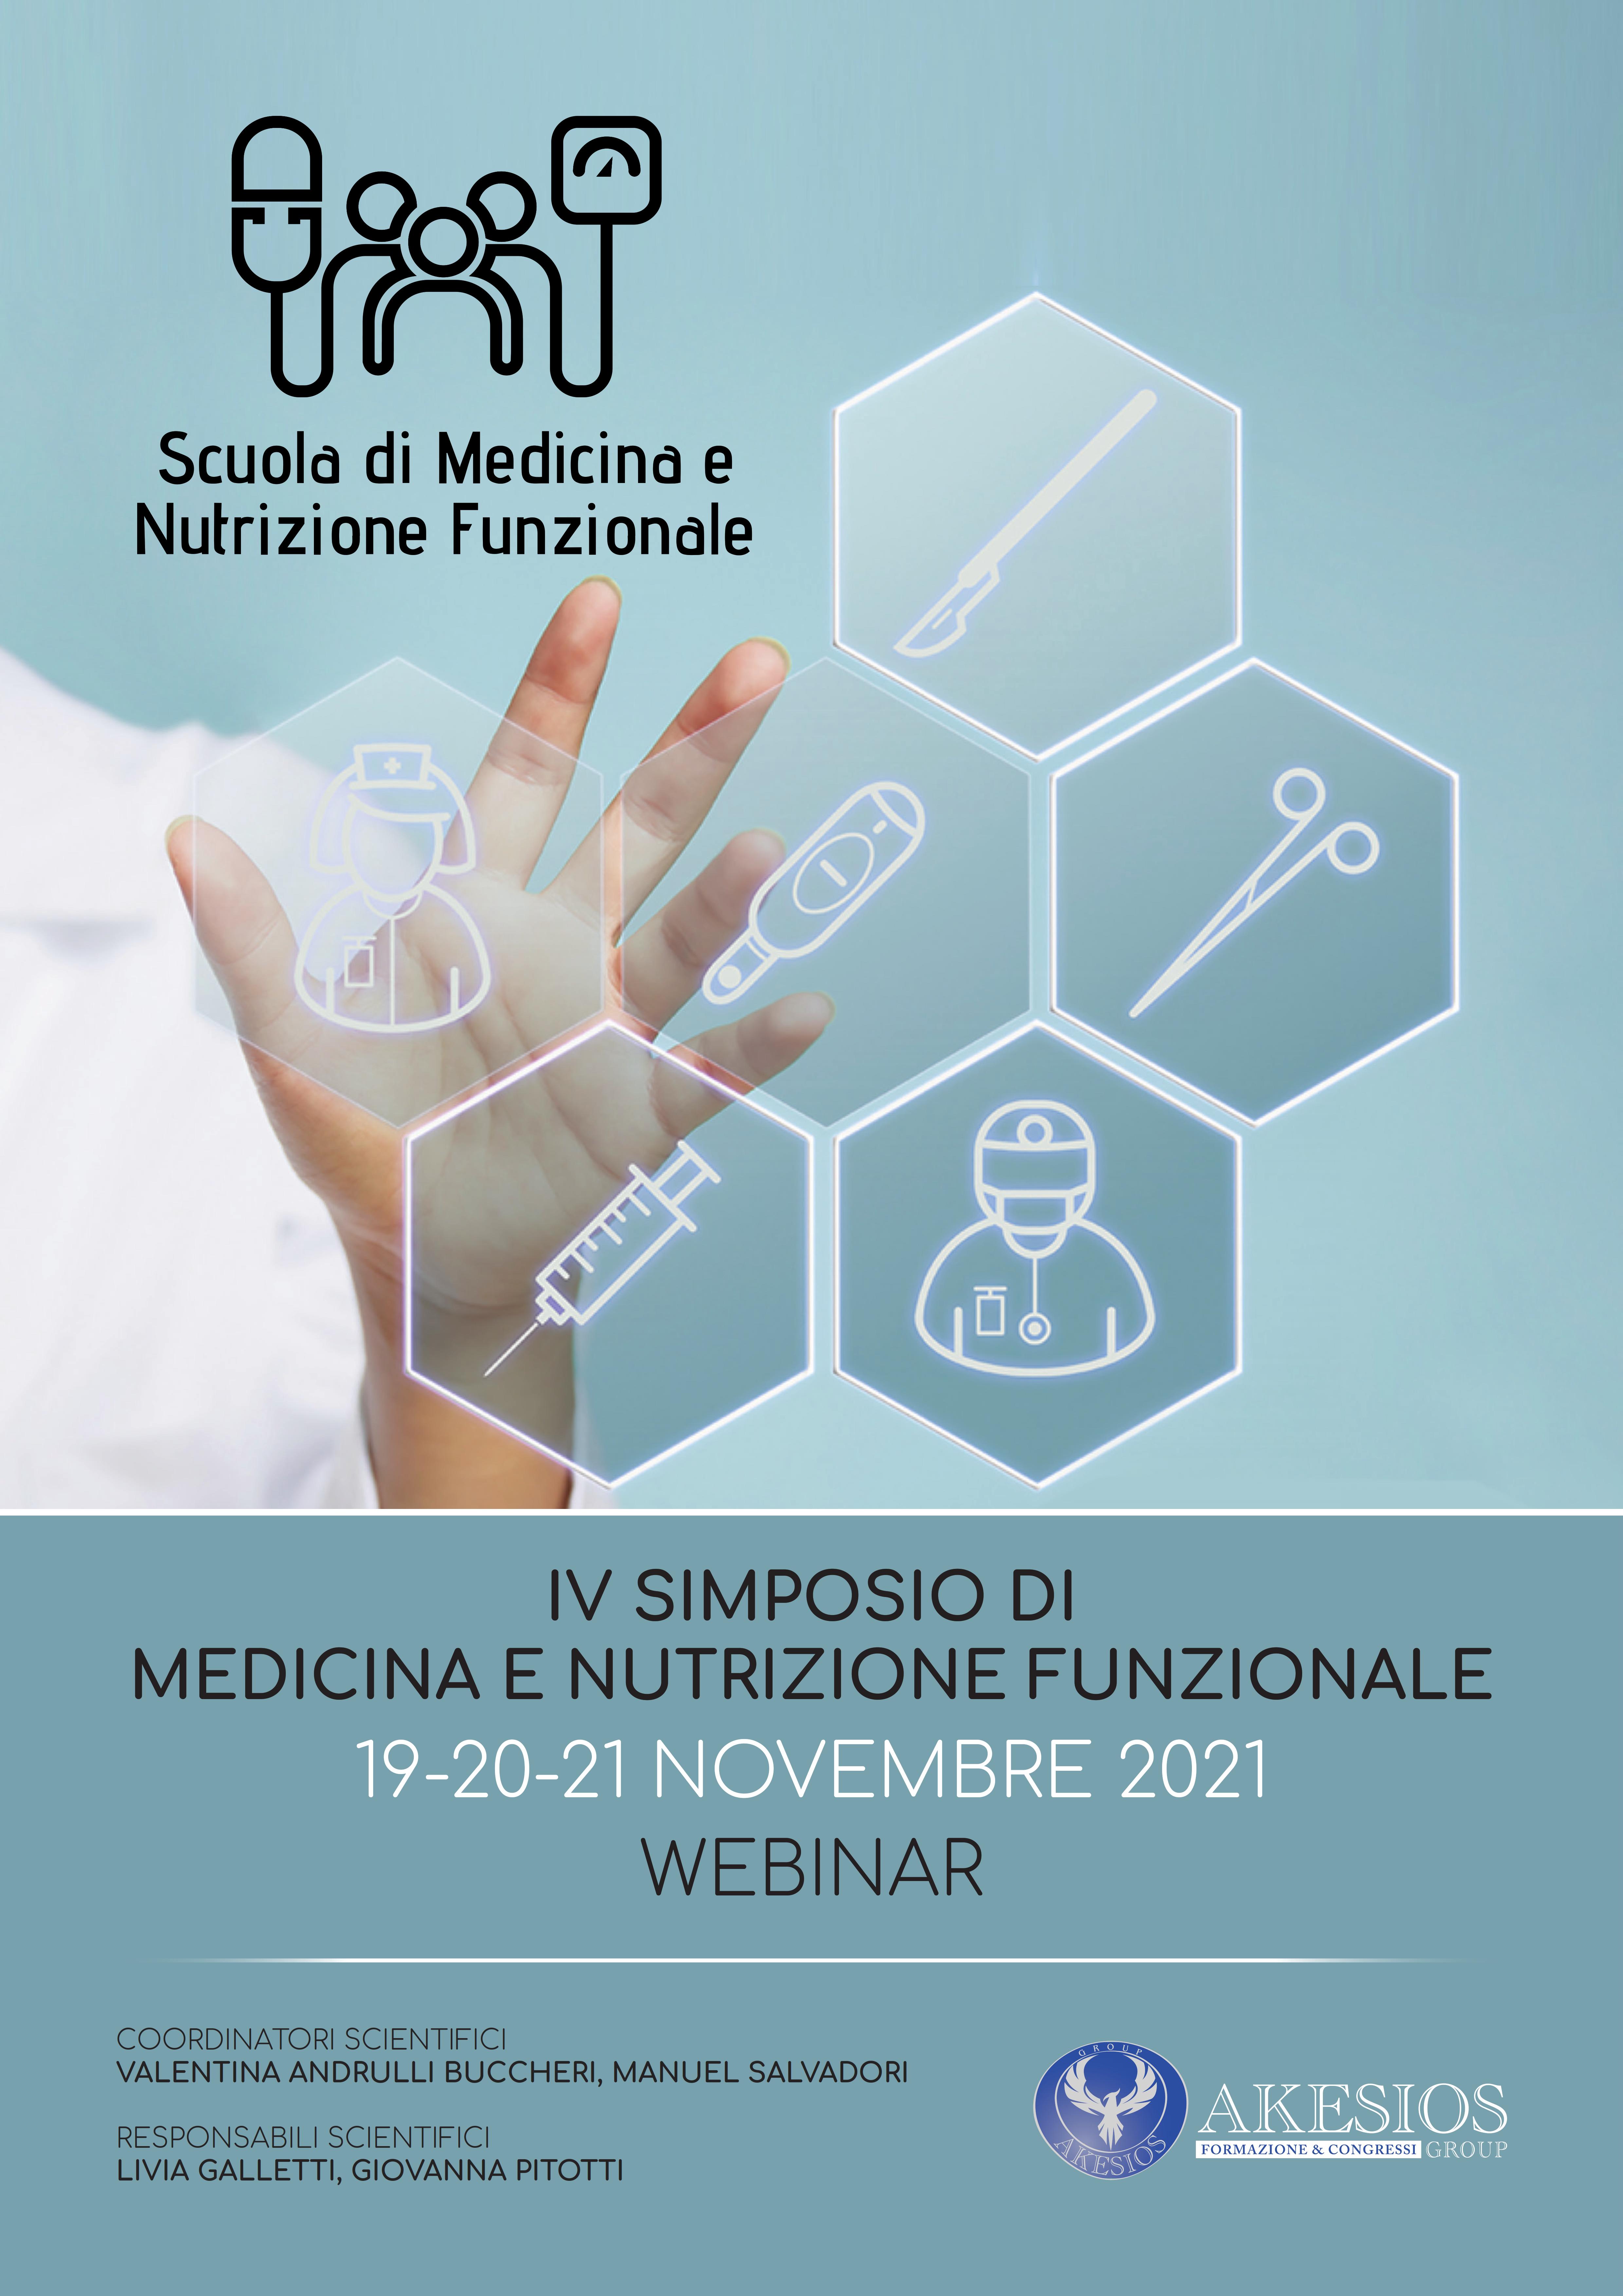 IV SIMPOSIO DI MEDICINA E NUTRIZIONE FUNZIONALE